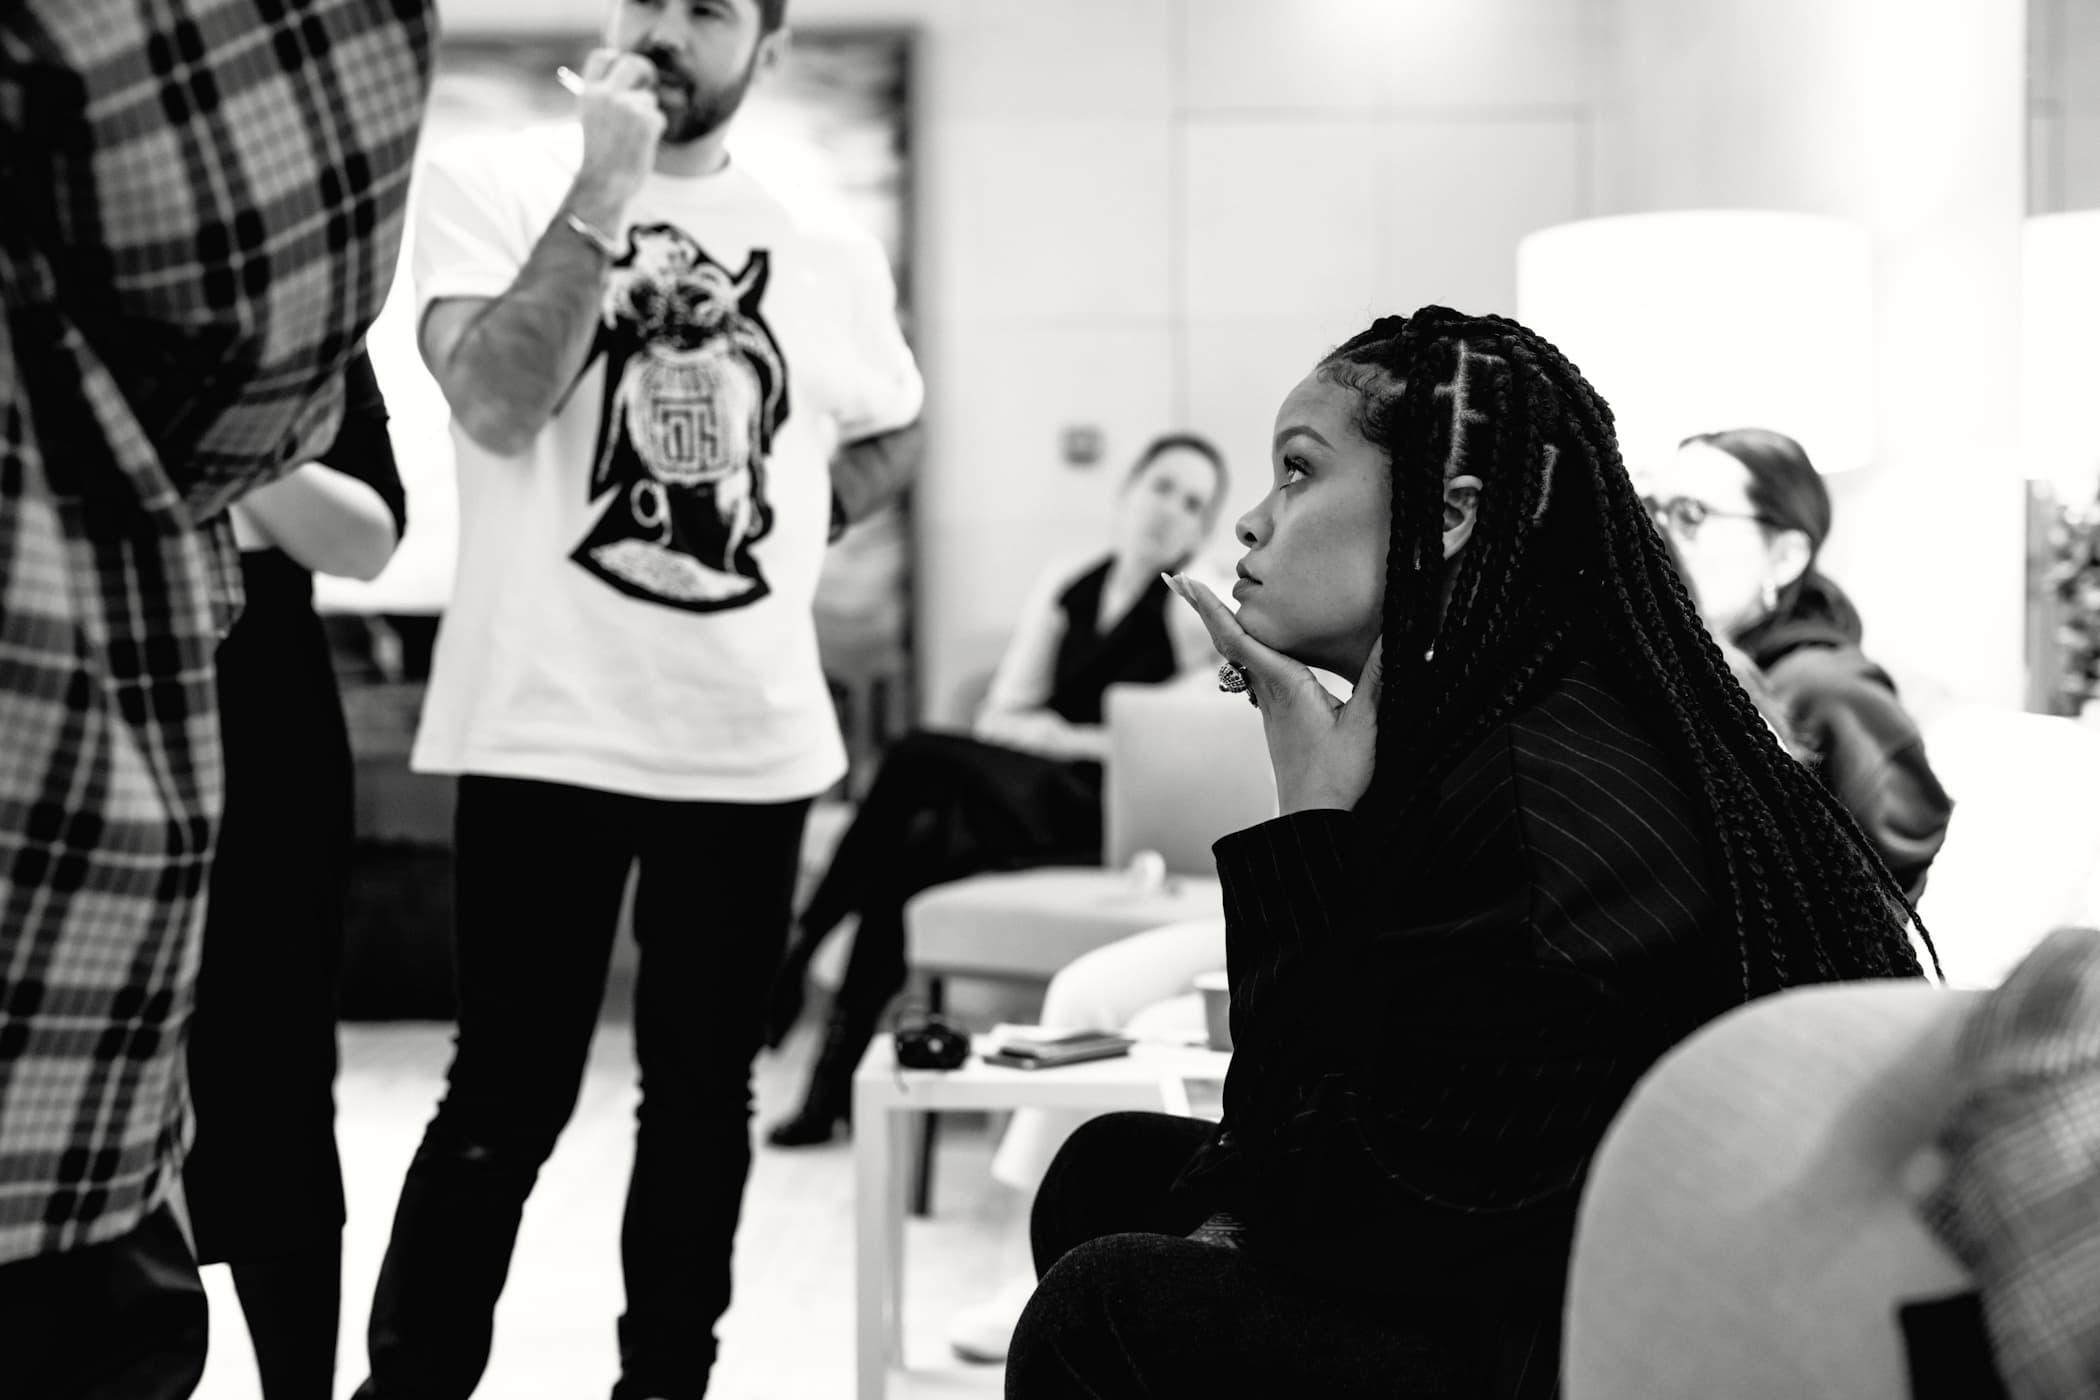 """LVMH集团:与蕾哈娜合作的 FENTY 品牌""""仍在打基础的阶段"""""""